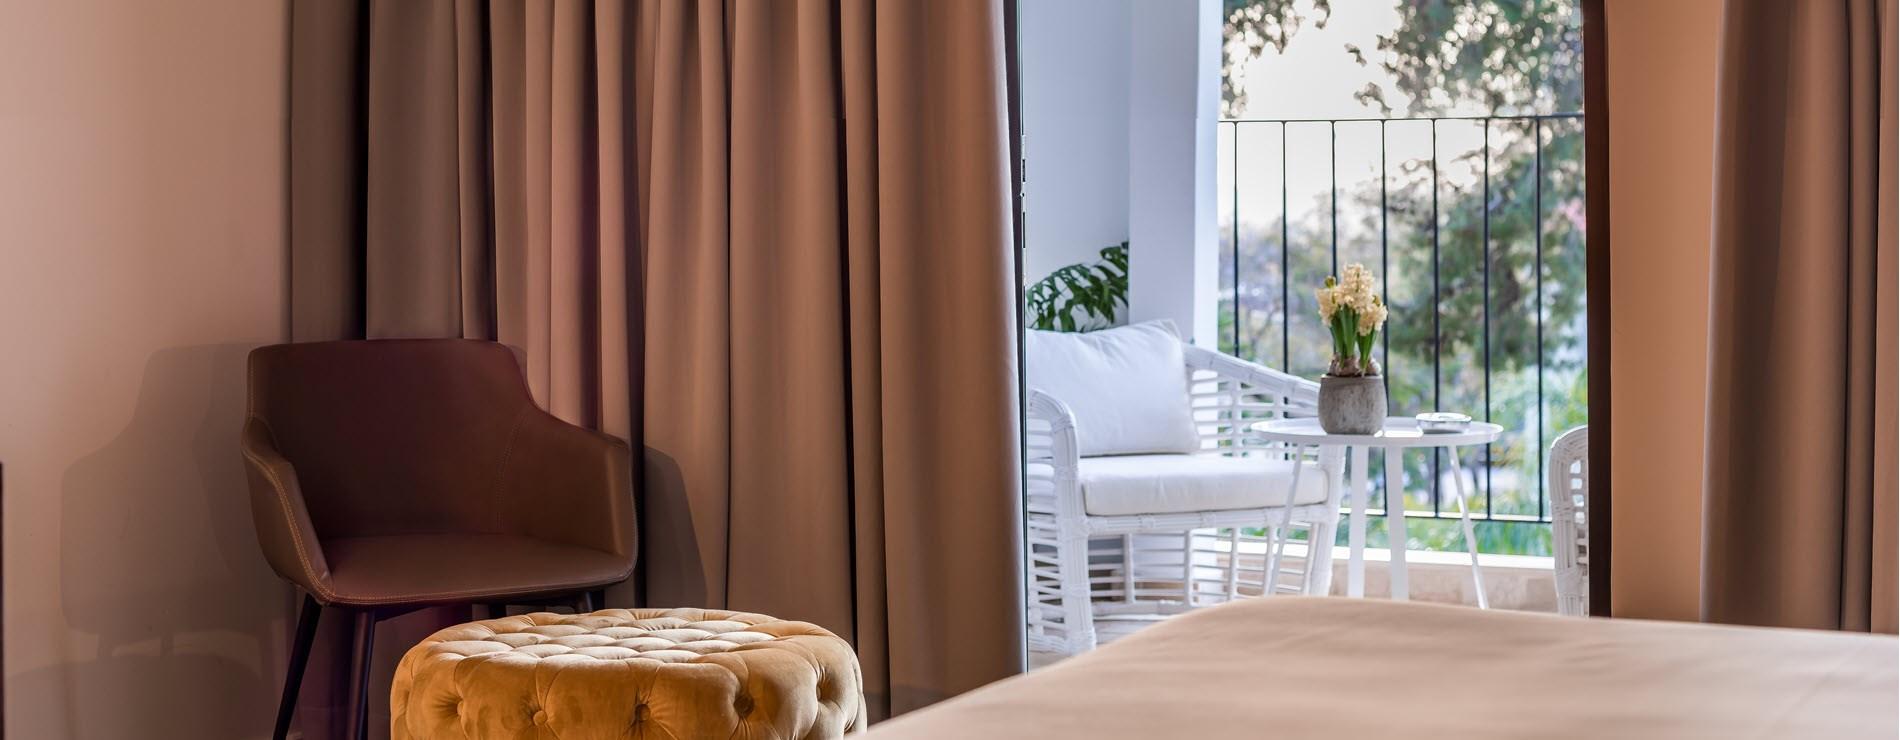 מלון בוטיק ליר גדרה - חדרים